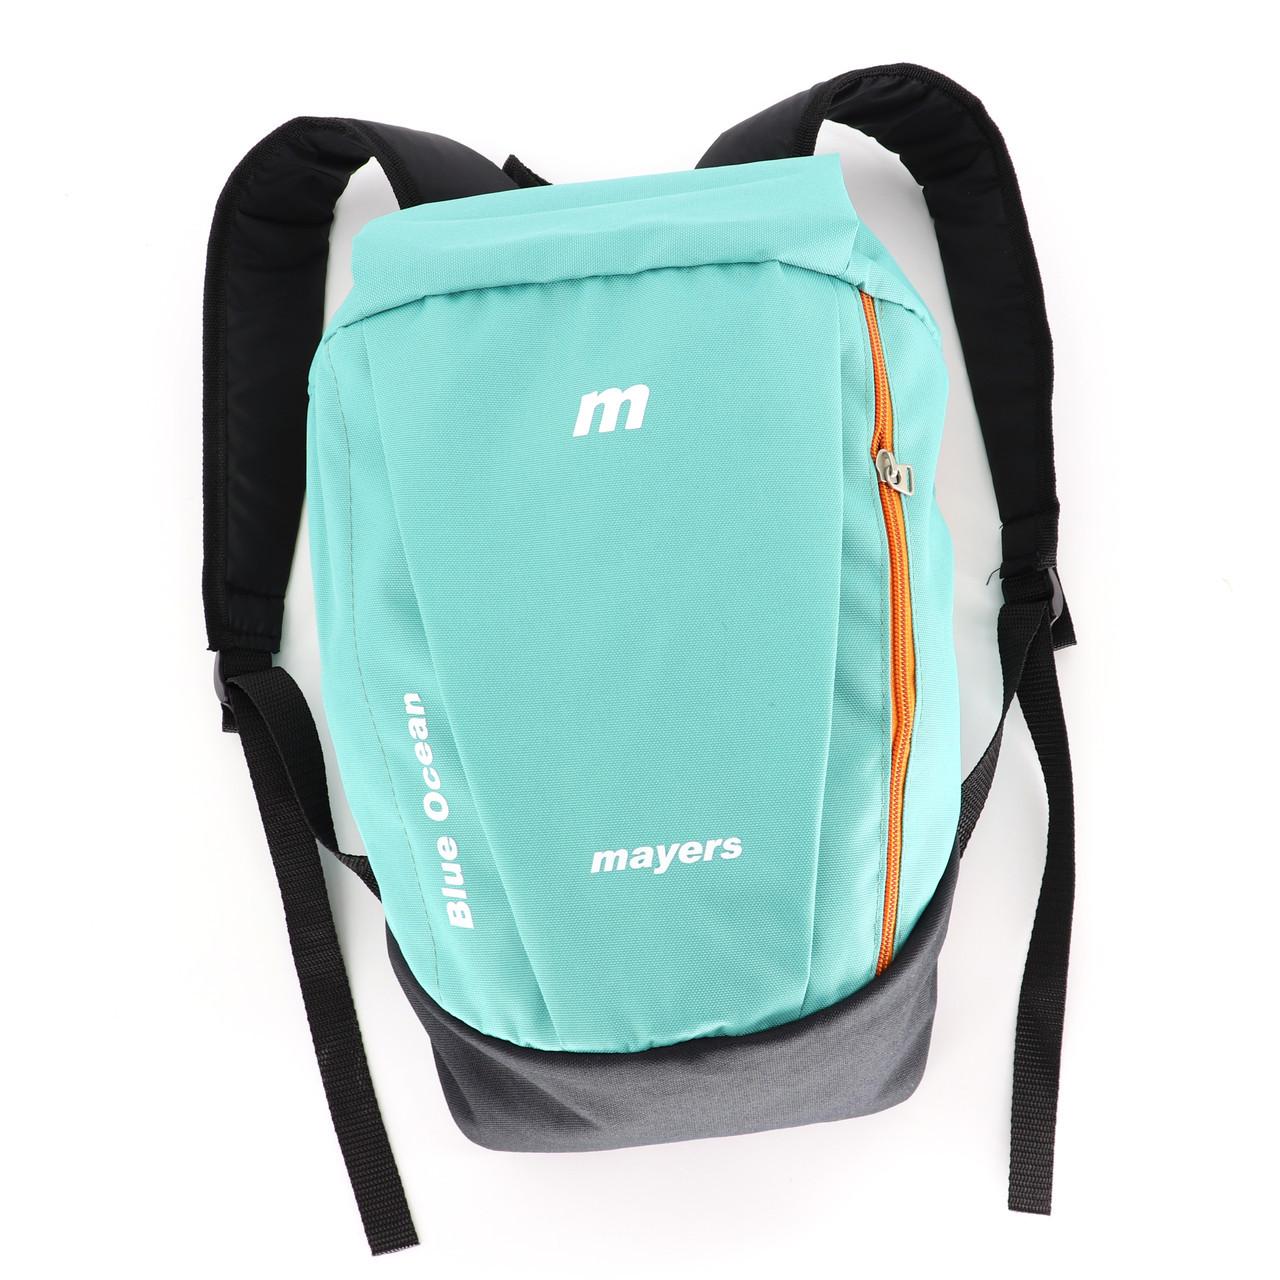 Дитячий маленький повсякденний рюкзак Mayers, бірюзовий / помаранчева блискавка